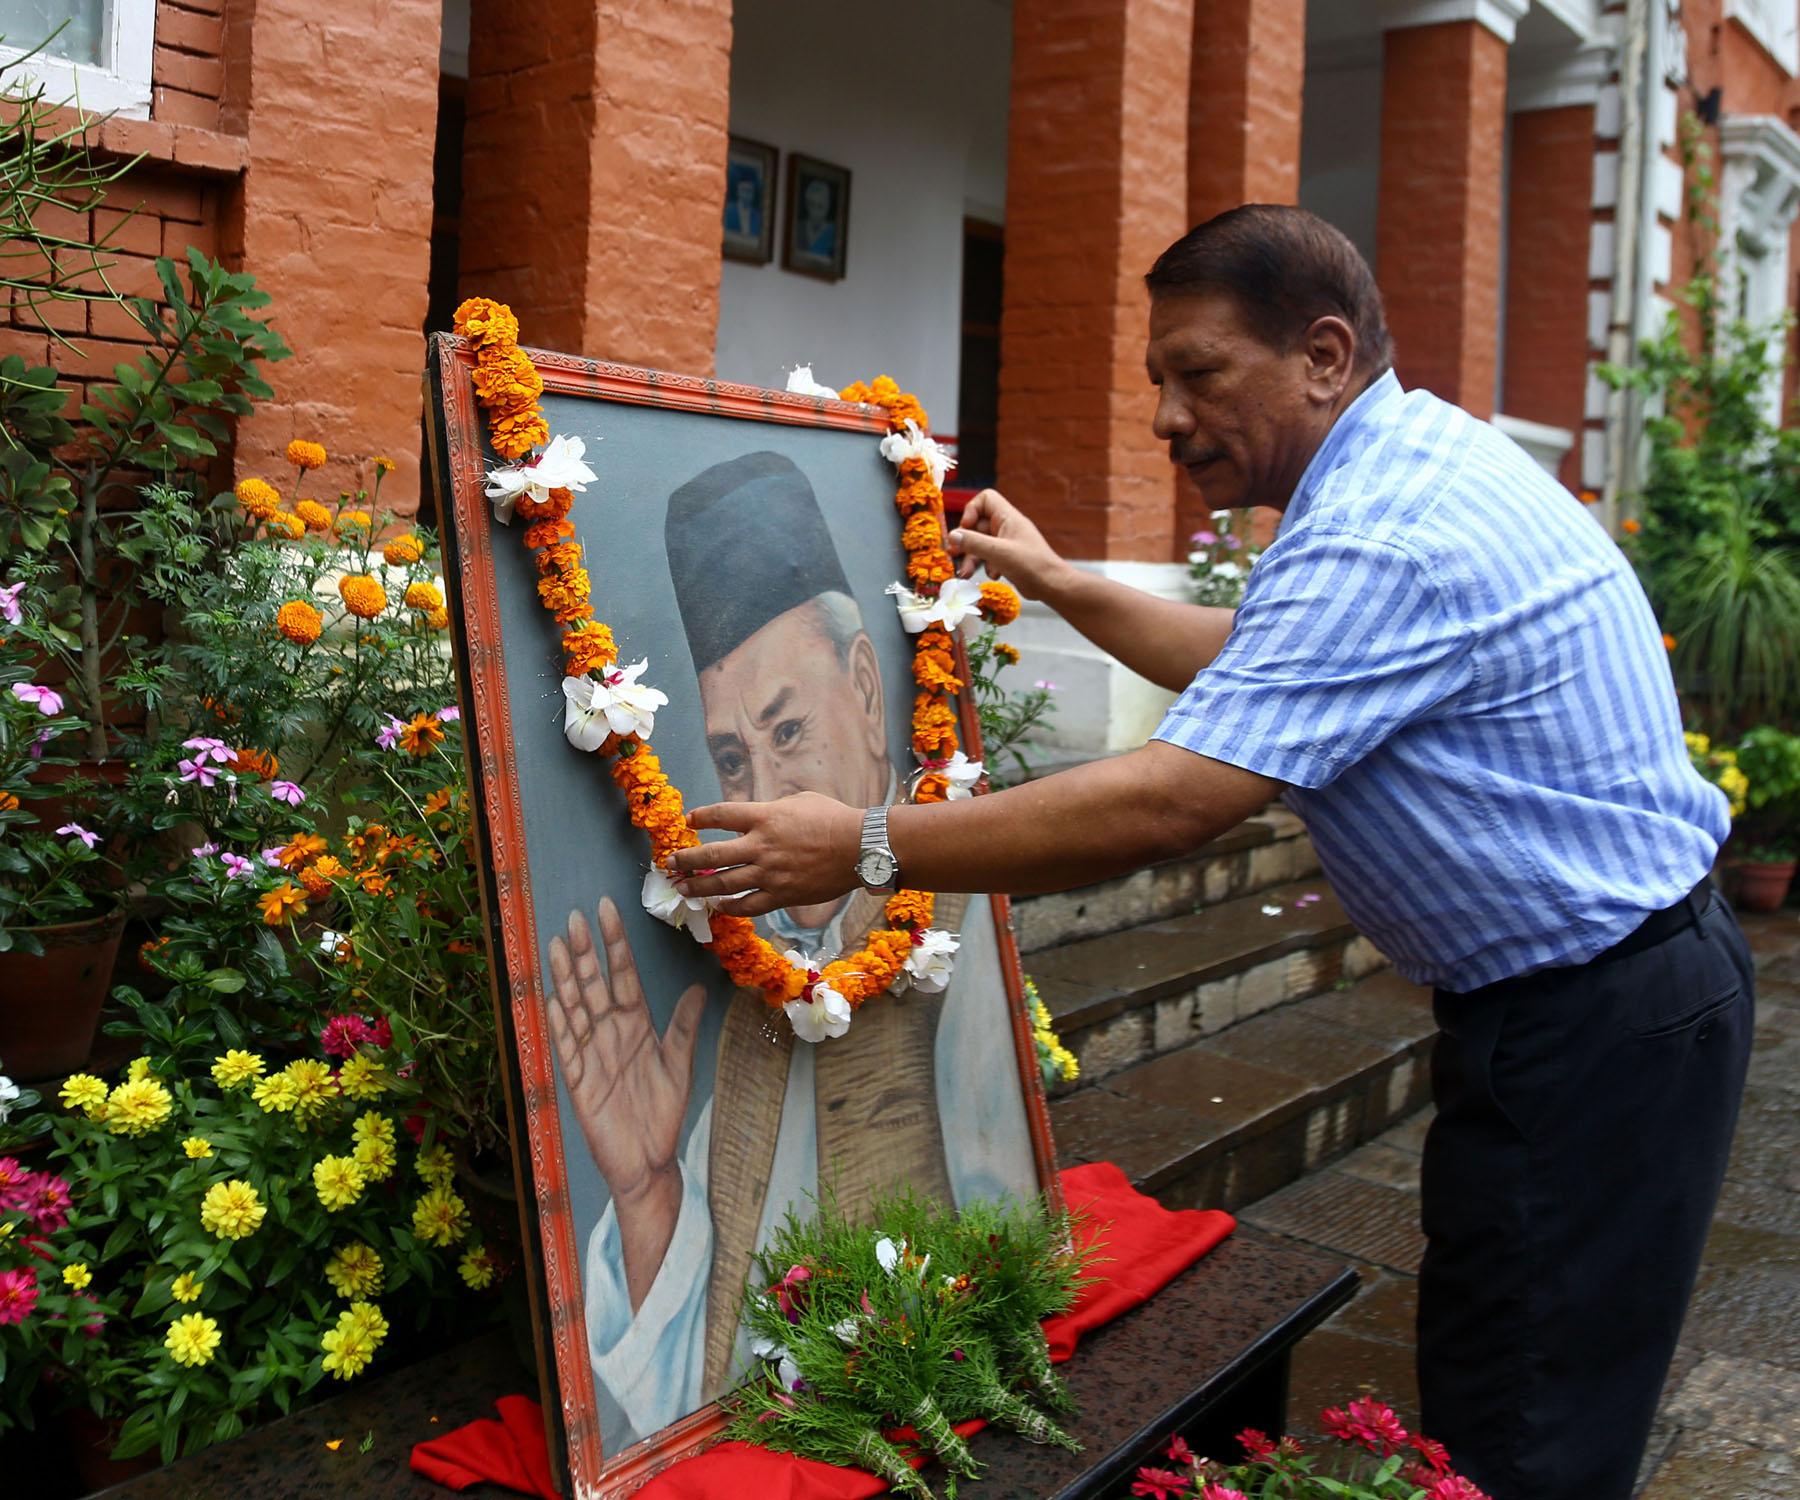 सिद्धान्त र आदर्शको राजनीतिबाट देश र जनताको हित हुन्छ : नेता सिंह